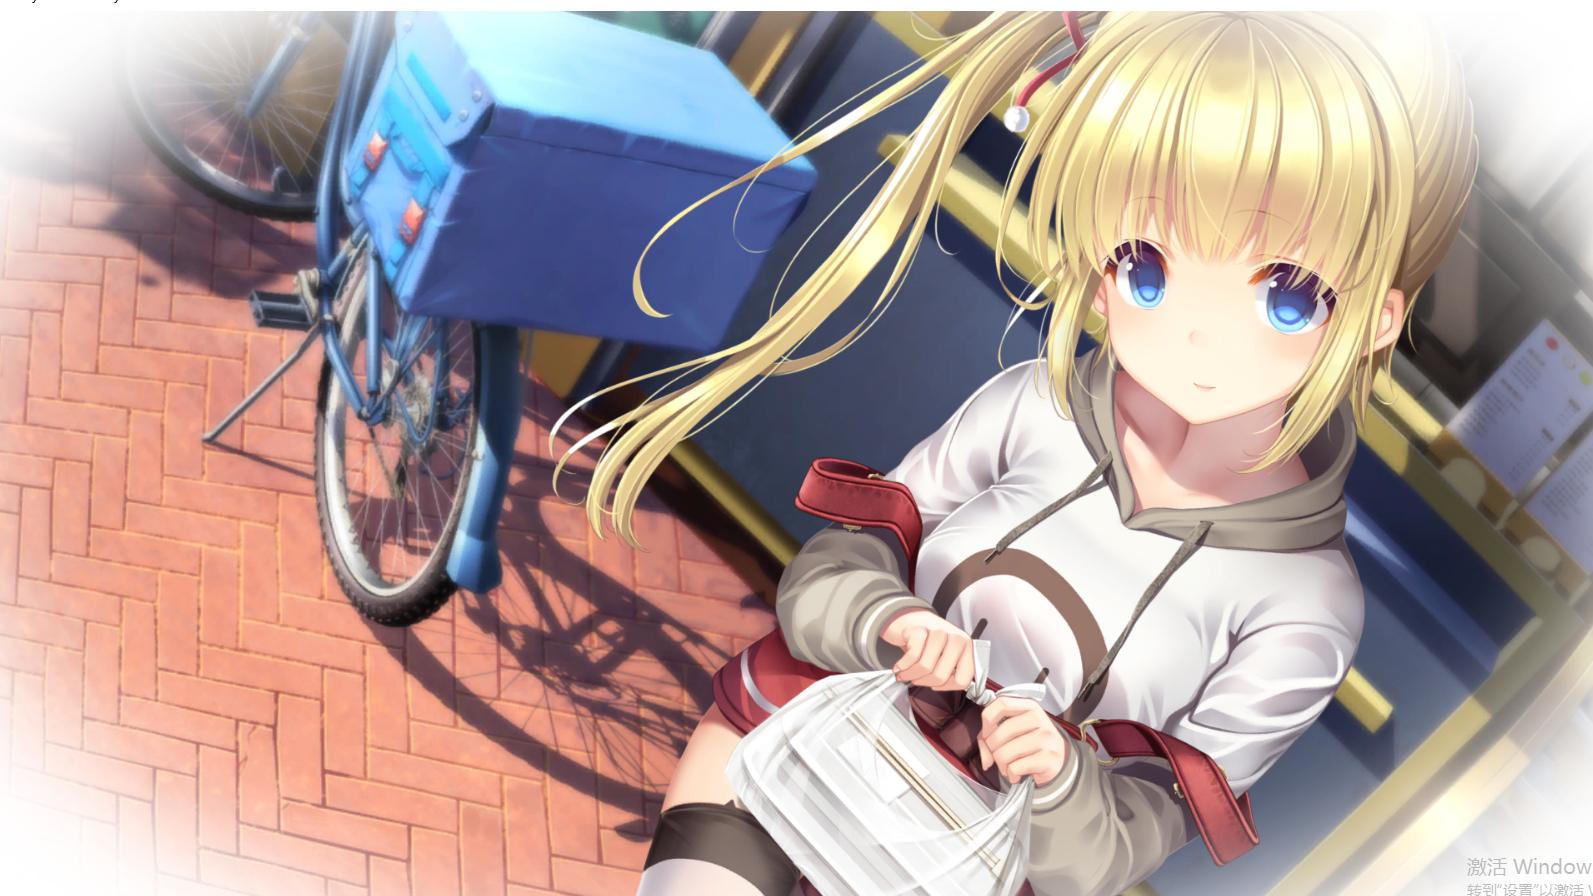 【出道616】iu游戏解说三色绘恋s试玩版p1《这爱情的味道究竟是什么?》